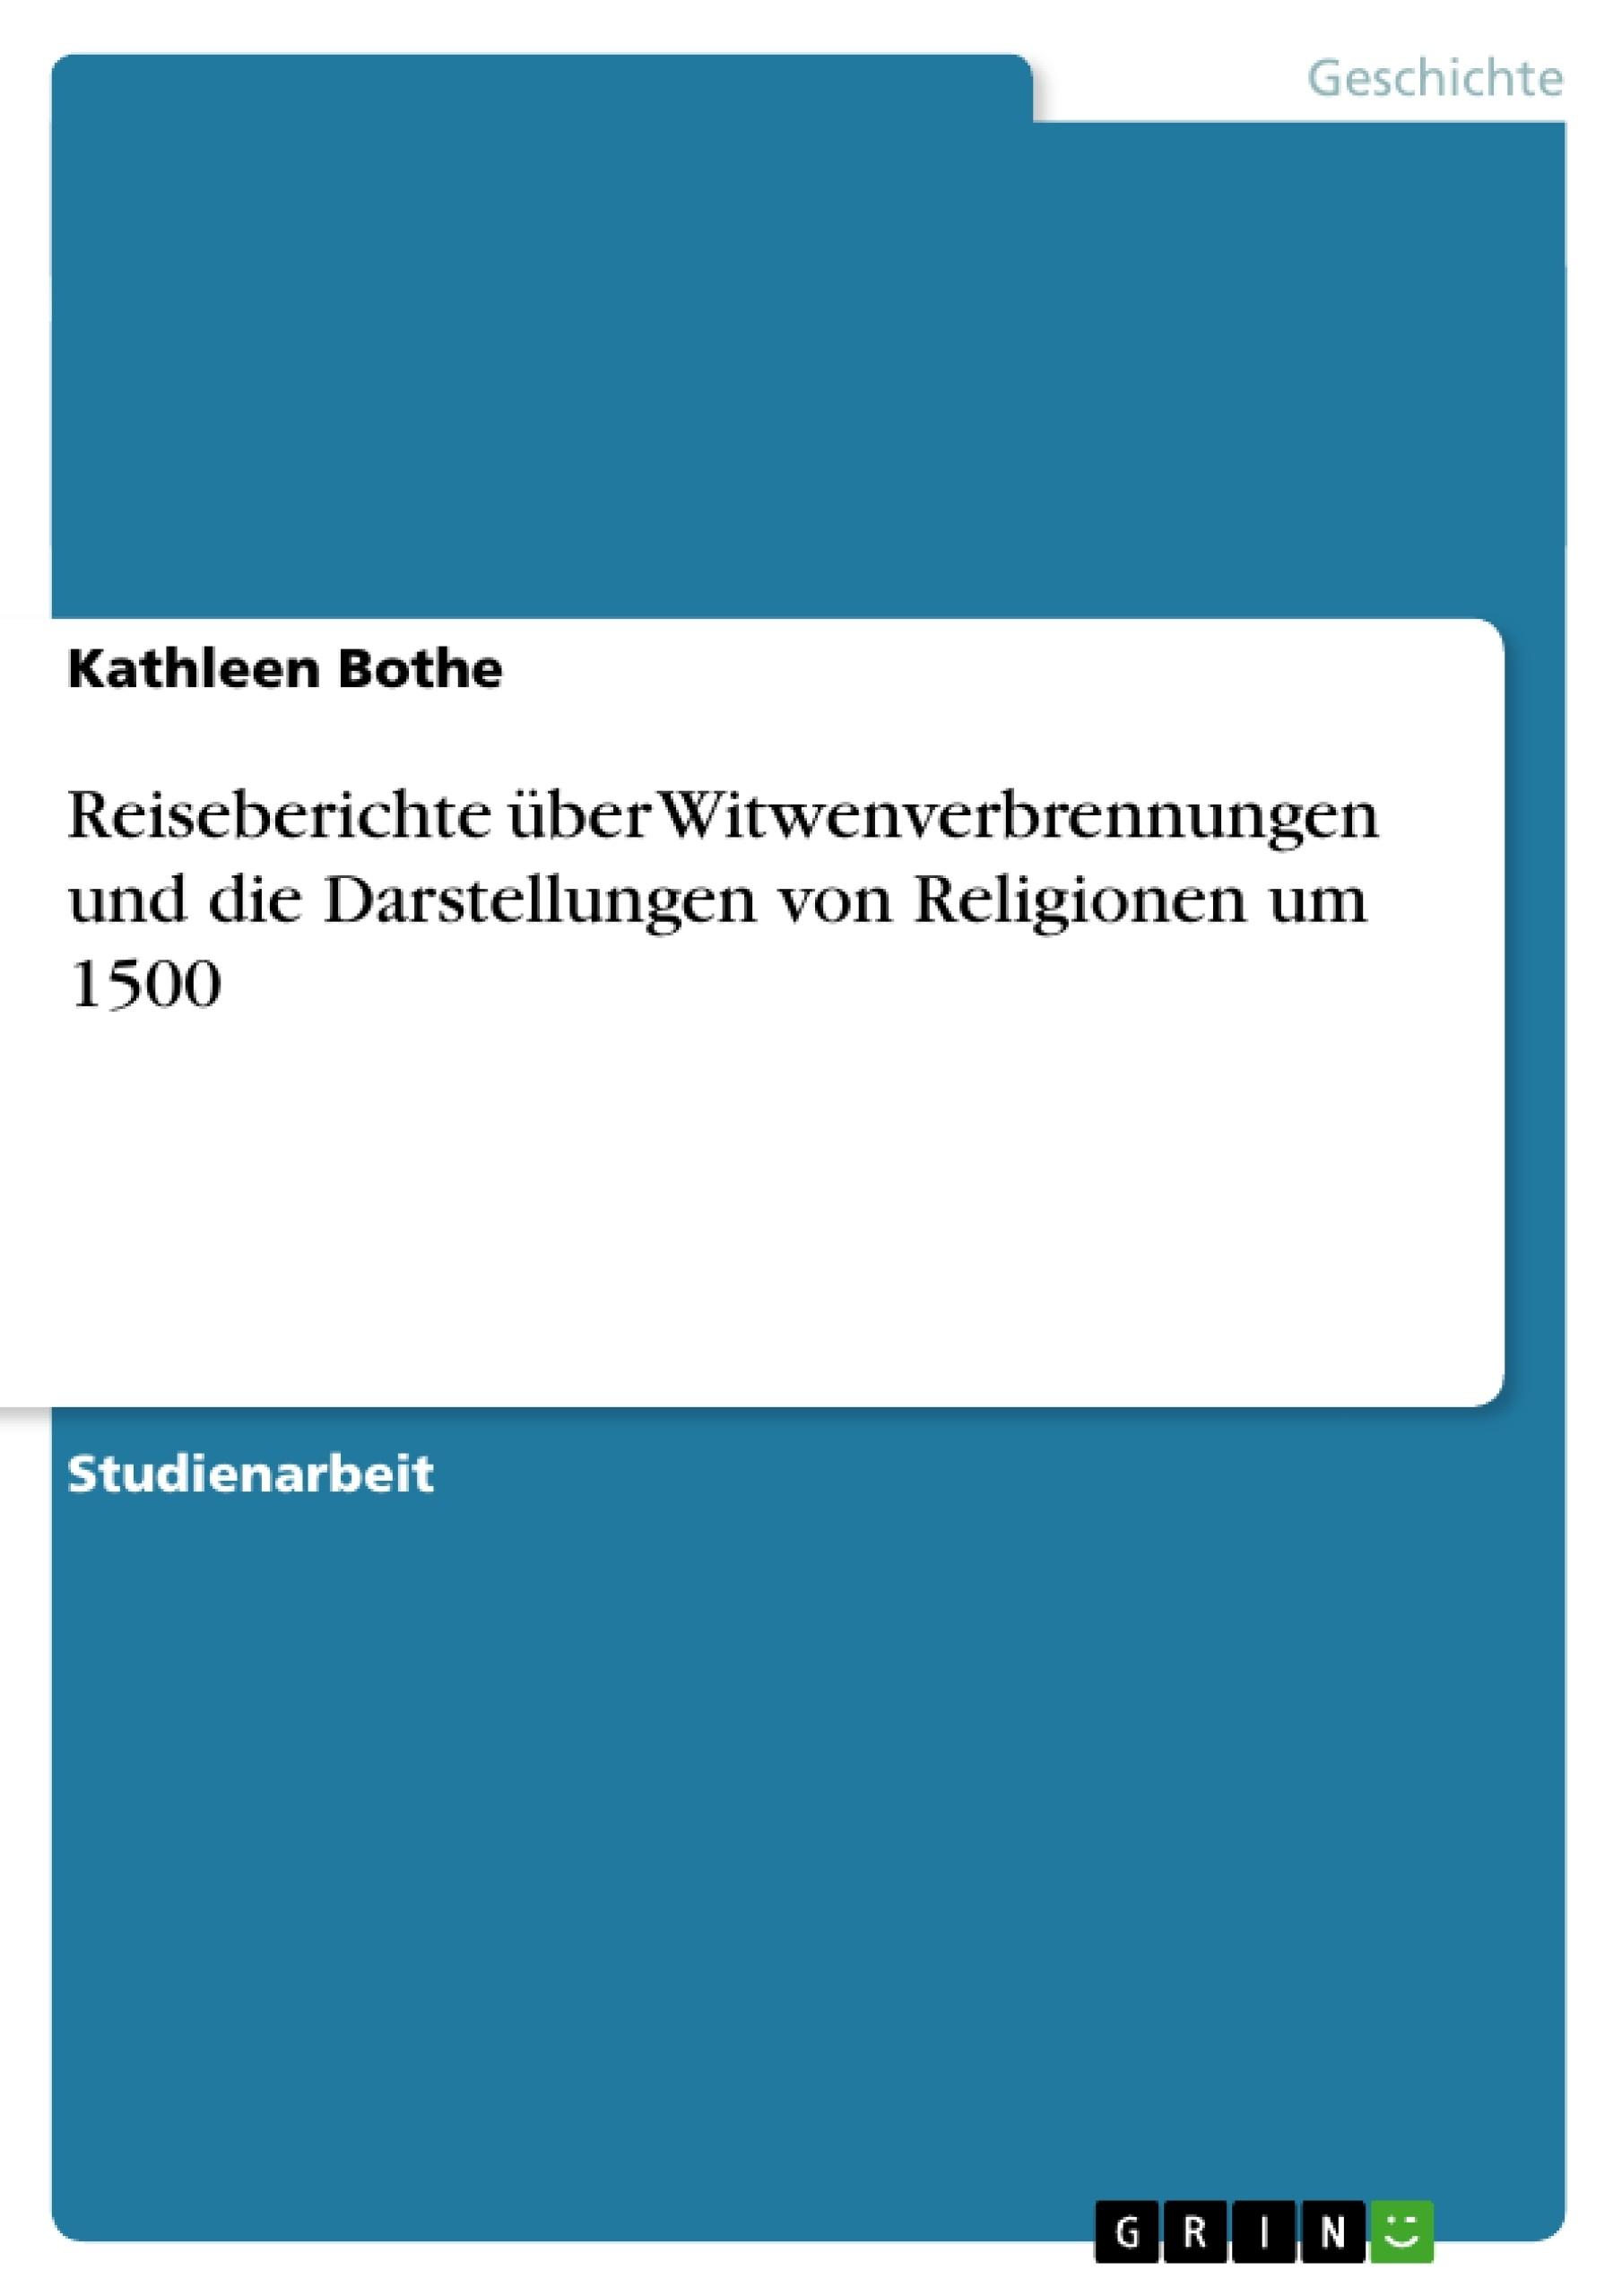 Titel: Reiseberichte über Witwenverbrennungen und die Darstellungen von Religionen um 1500